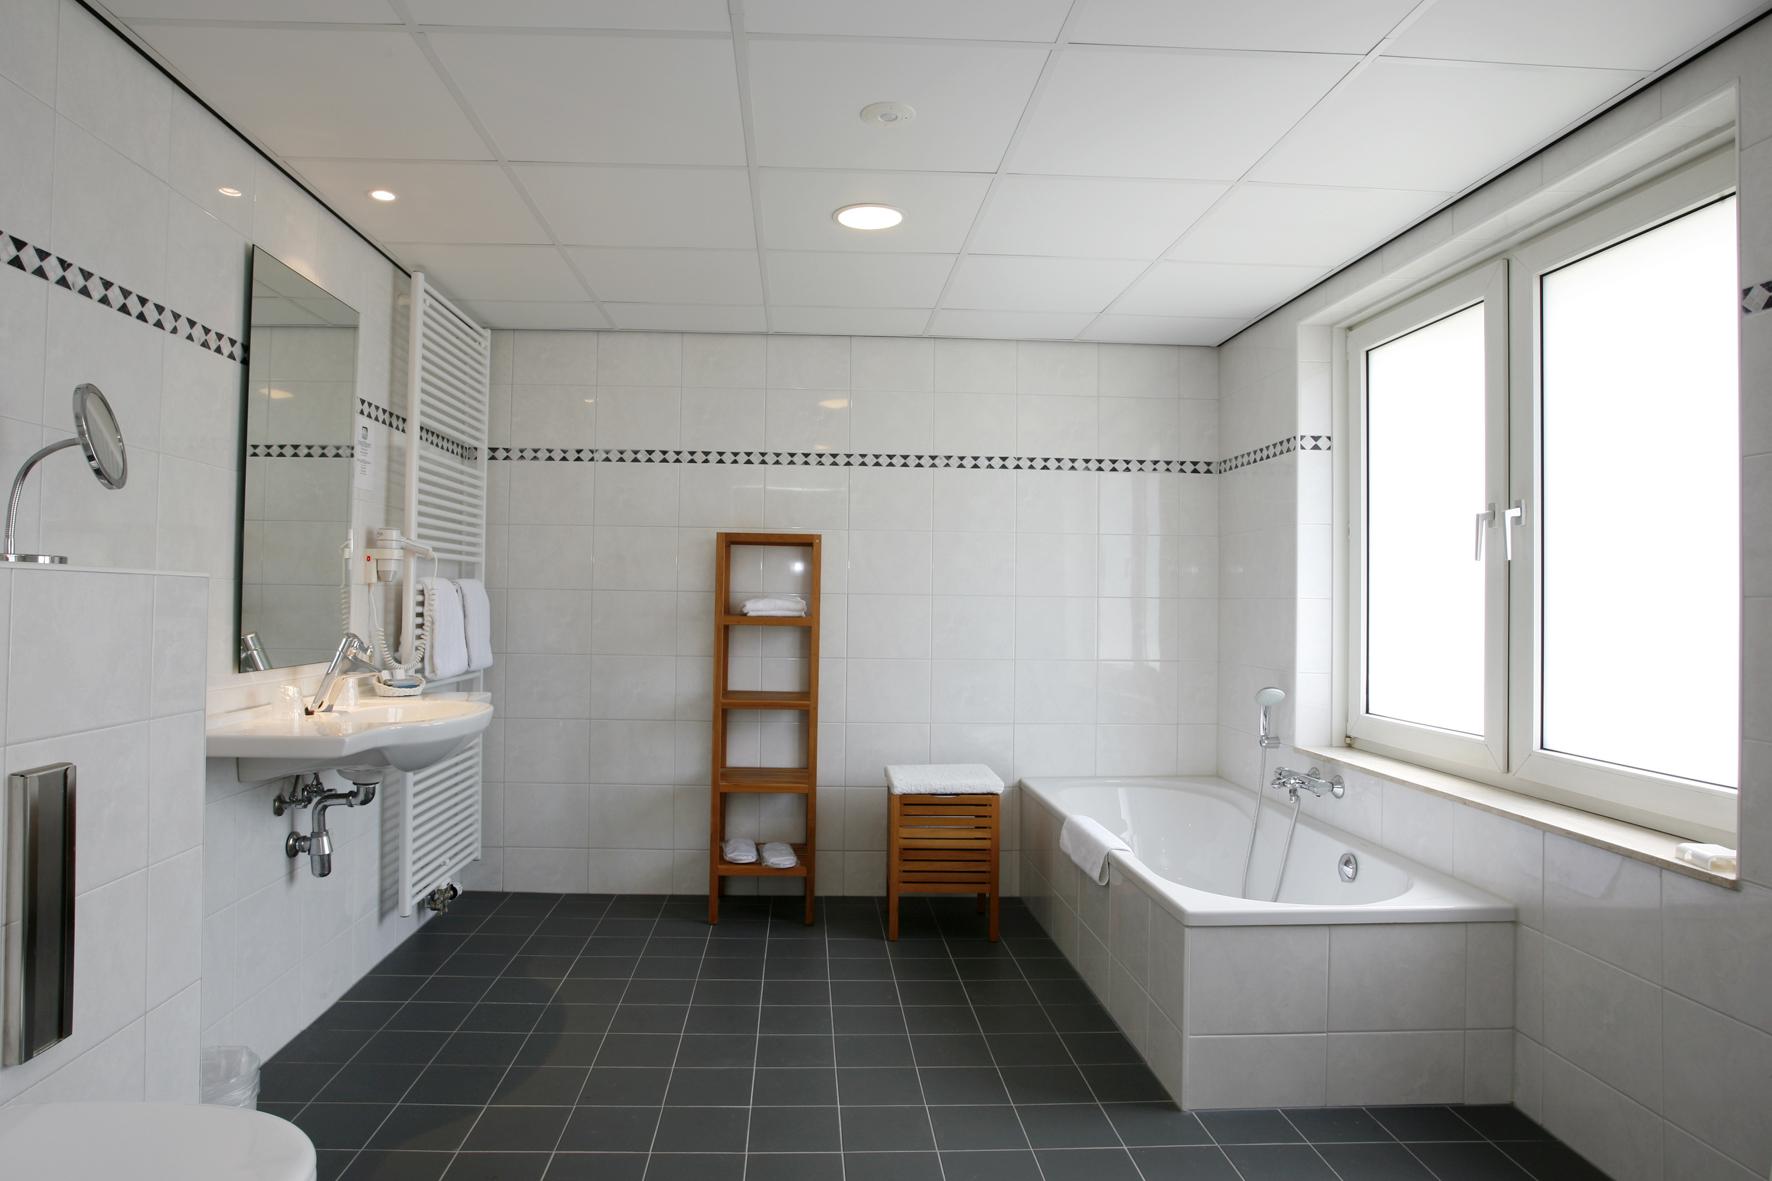 Vele gehandicapten vakanties binnen en buiten de EU   Badkamer-zorgkamer.jpg   Vele gehandicapten vakanties binnen en buiten de EU